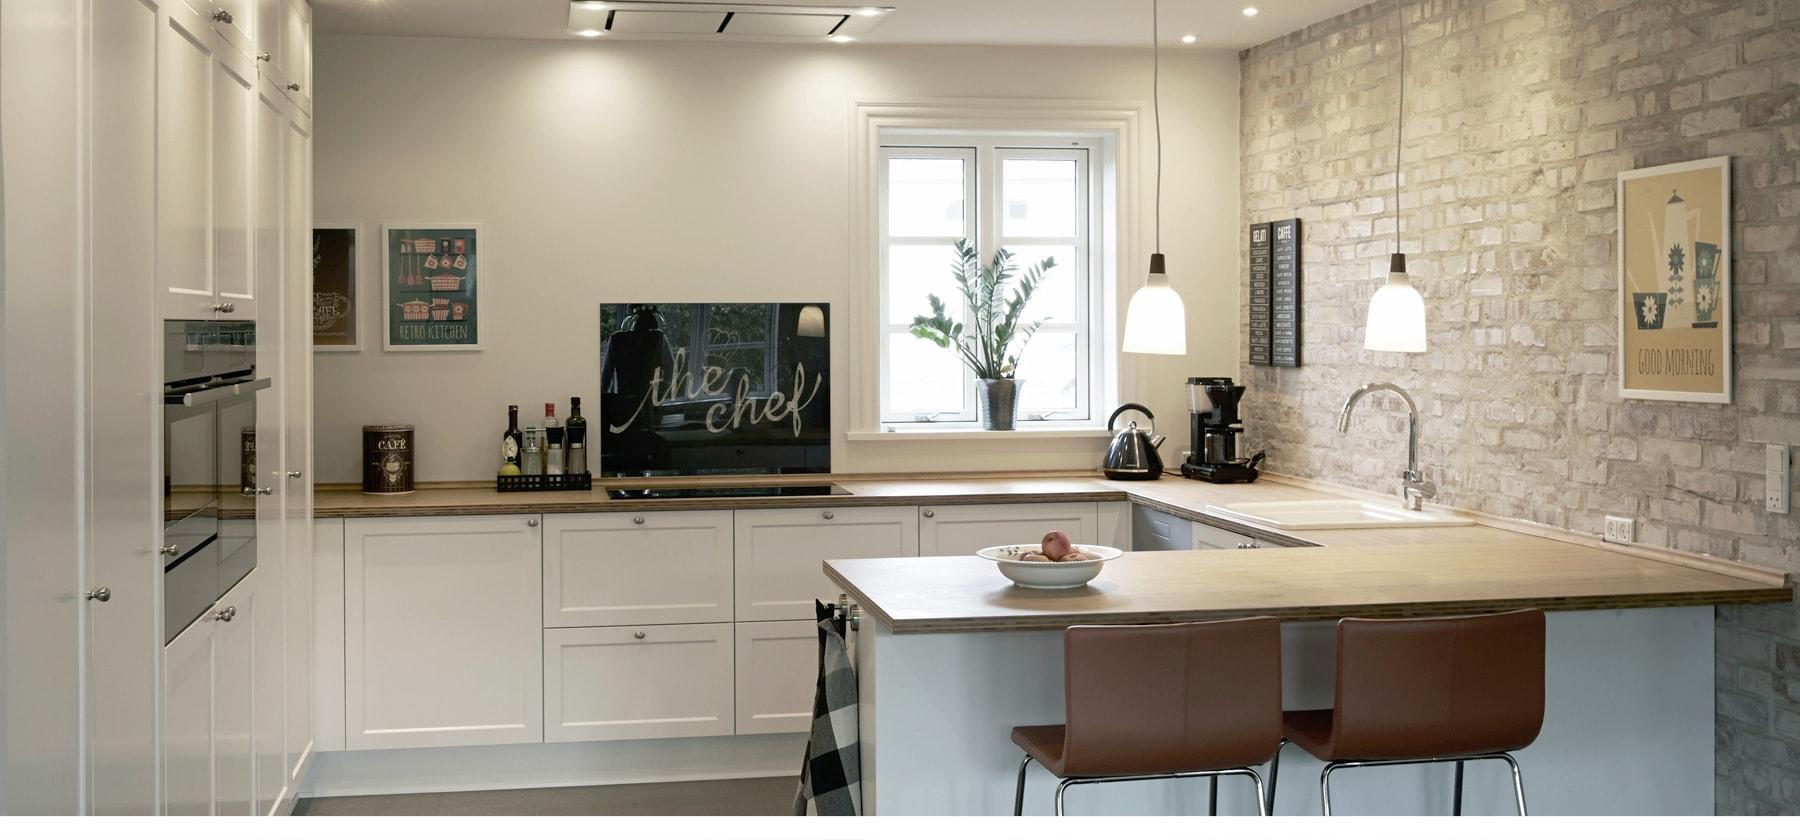 Fantastisk SØNDERBORG KØKKEN – Stilfulde køkkendesign til dit hjem PU84